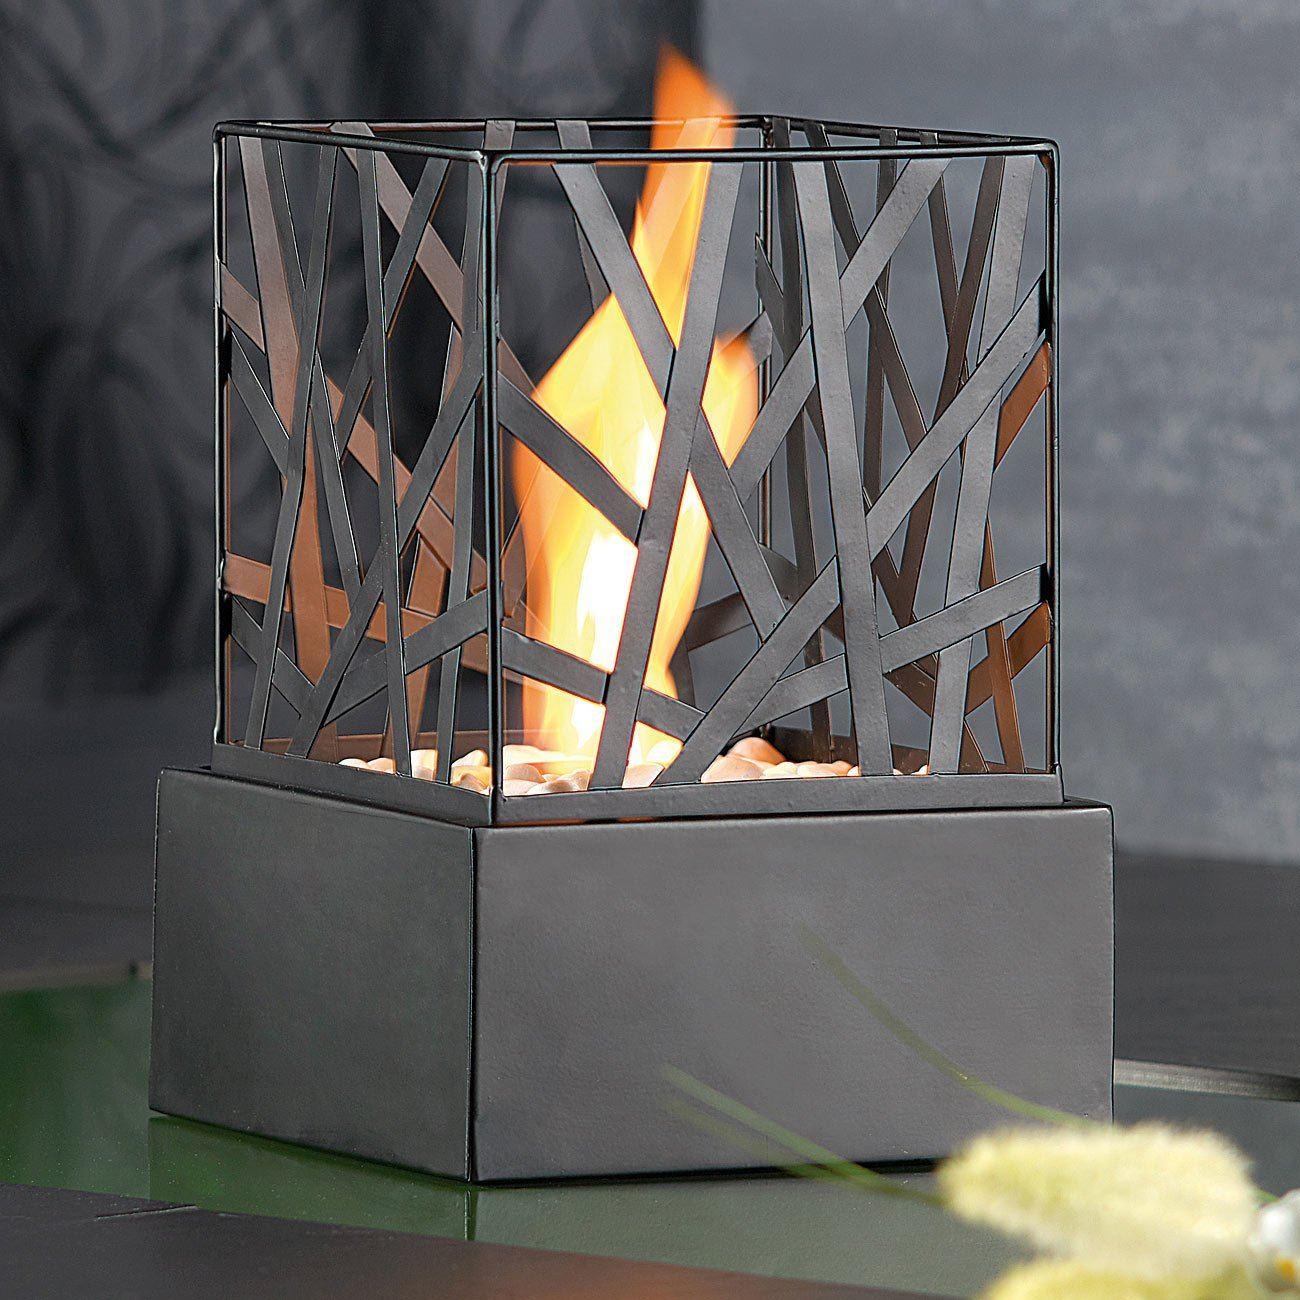 tischkamin test 2018 die 10 besten tischkamine im vergleich. Black Bedroom Furniture Sets. Home Design Ideas